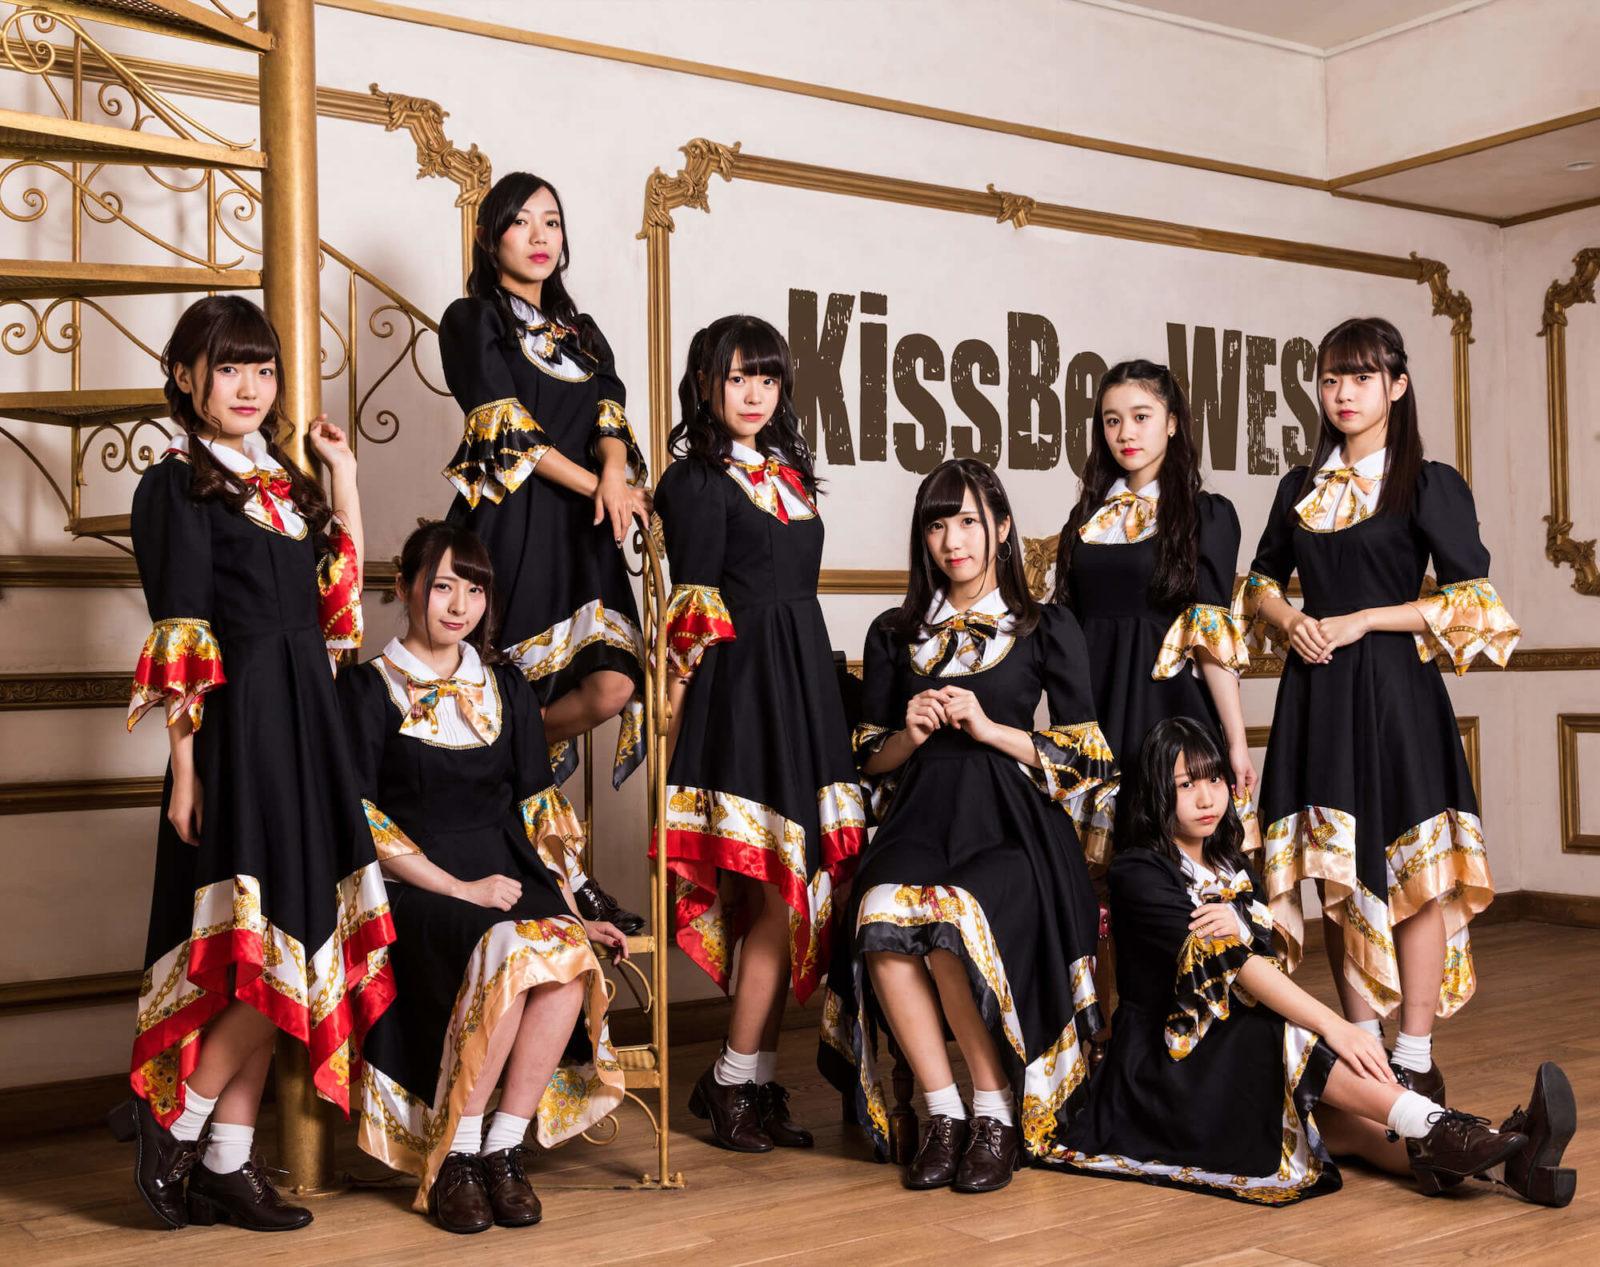 パワフルなステージパフォーマンスに注目!KissBeeWEST「自分達の音楽を届けられる自信があります」サムネイル画像